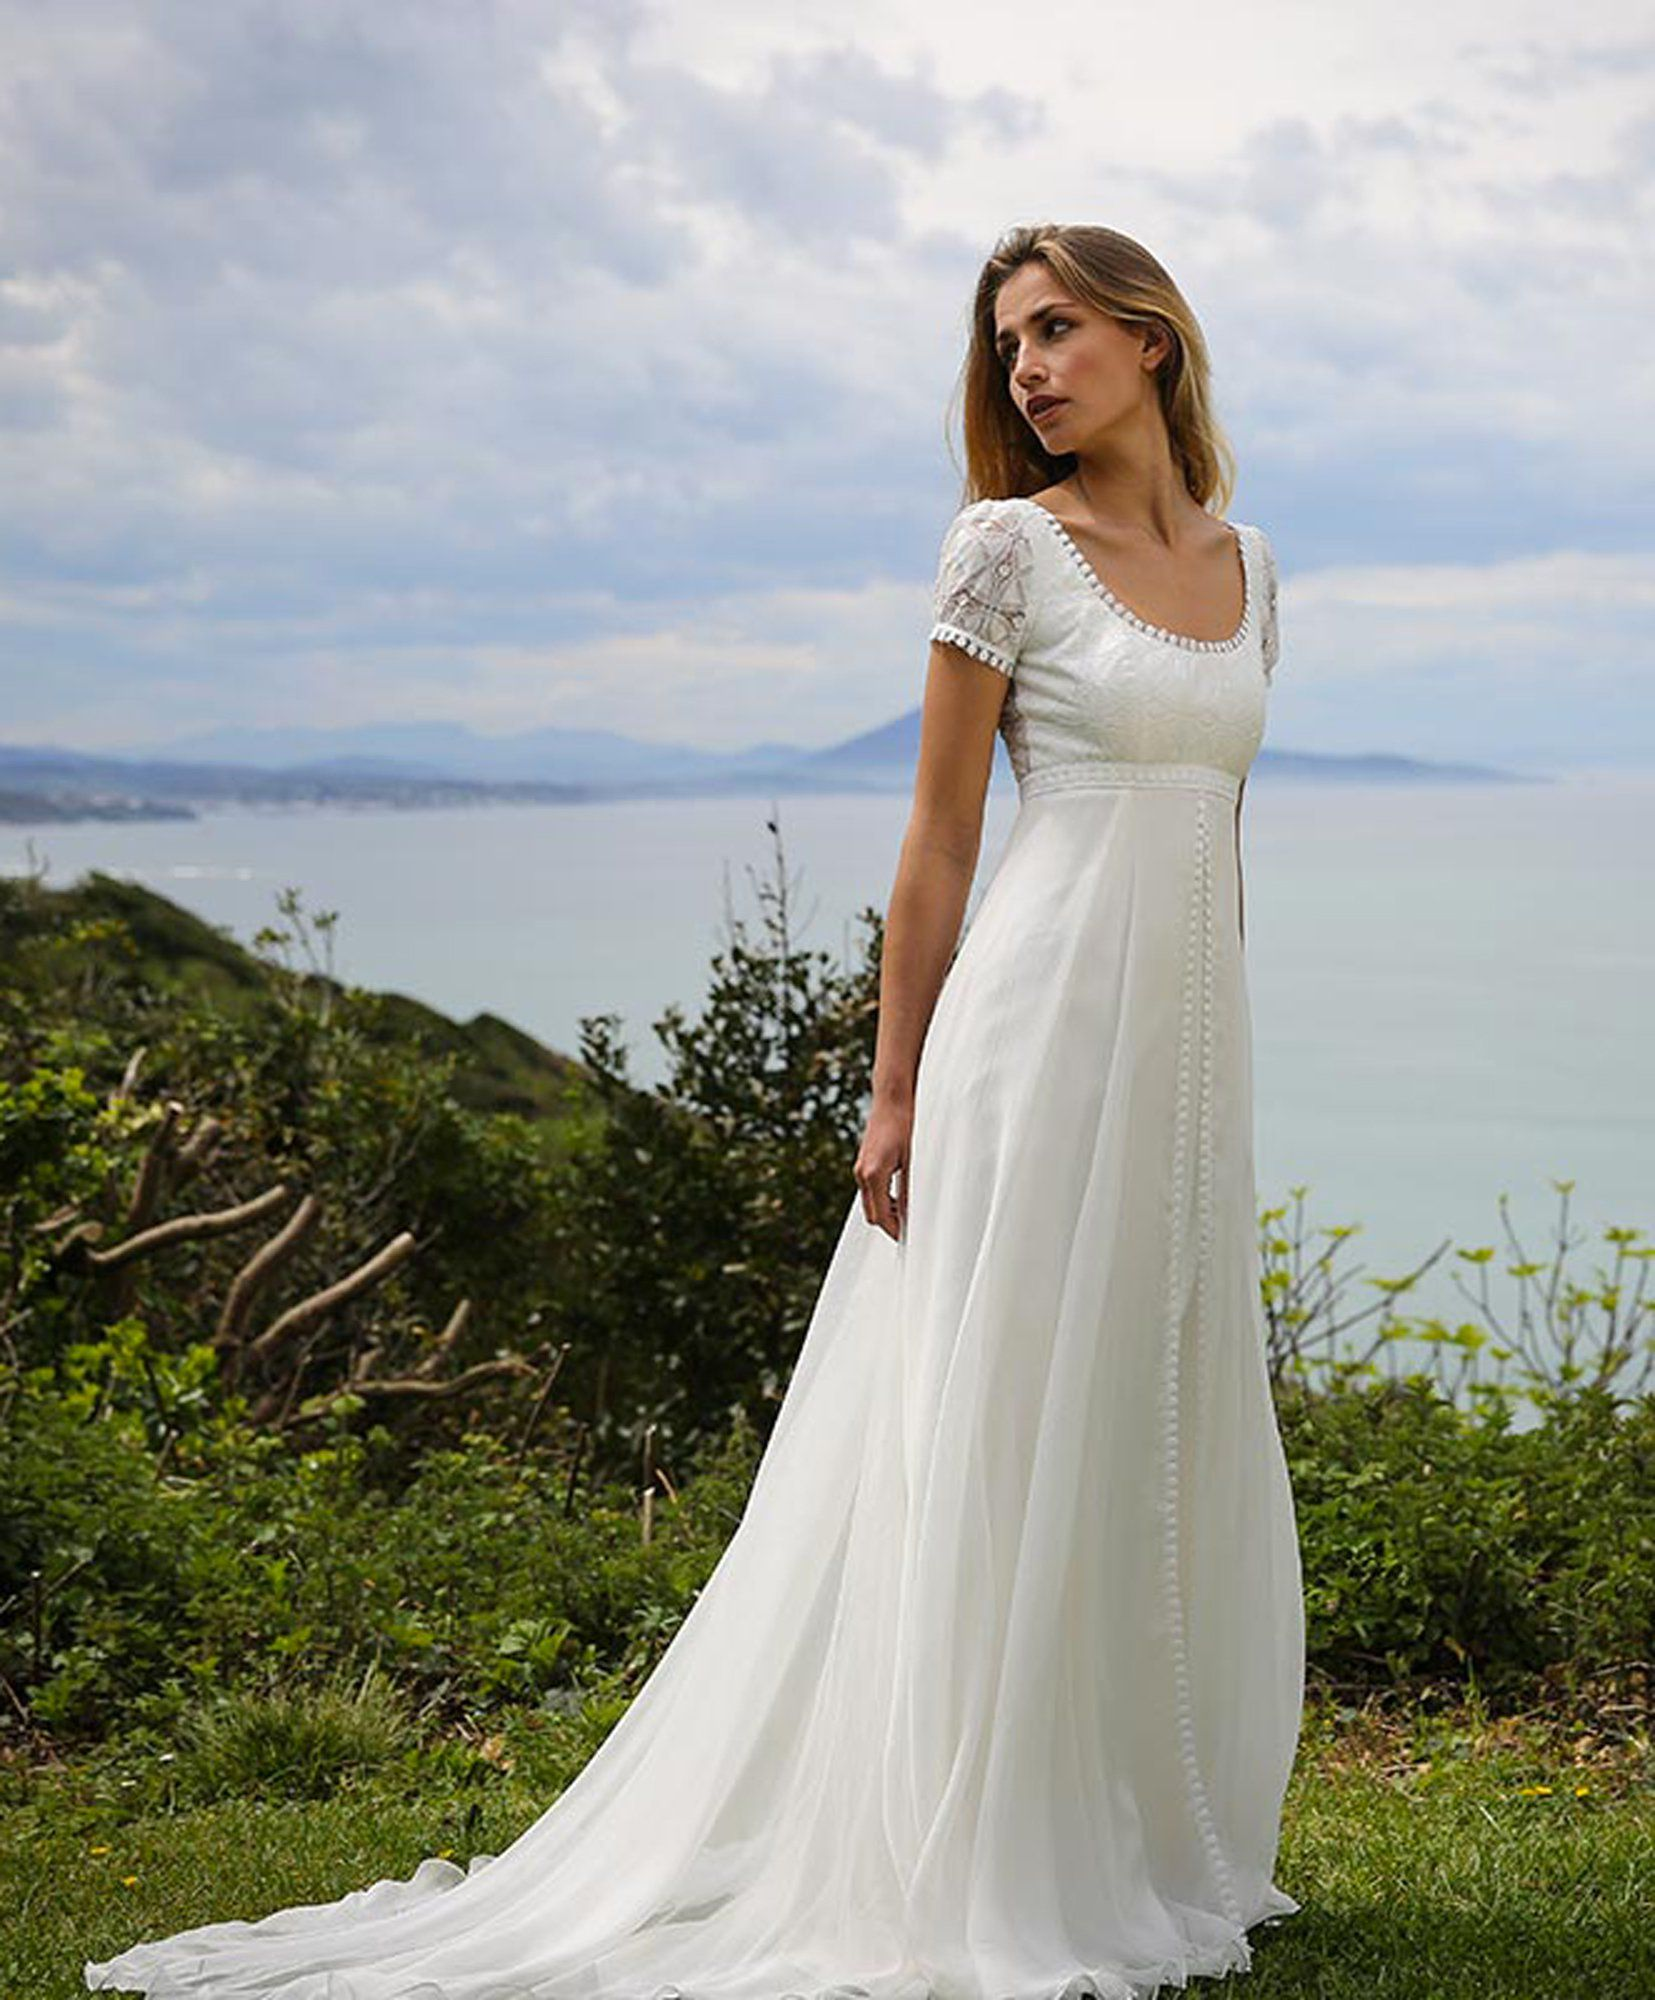 Les Plus Belles Robes De Mariee 2020 Robes Mariage Robe